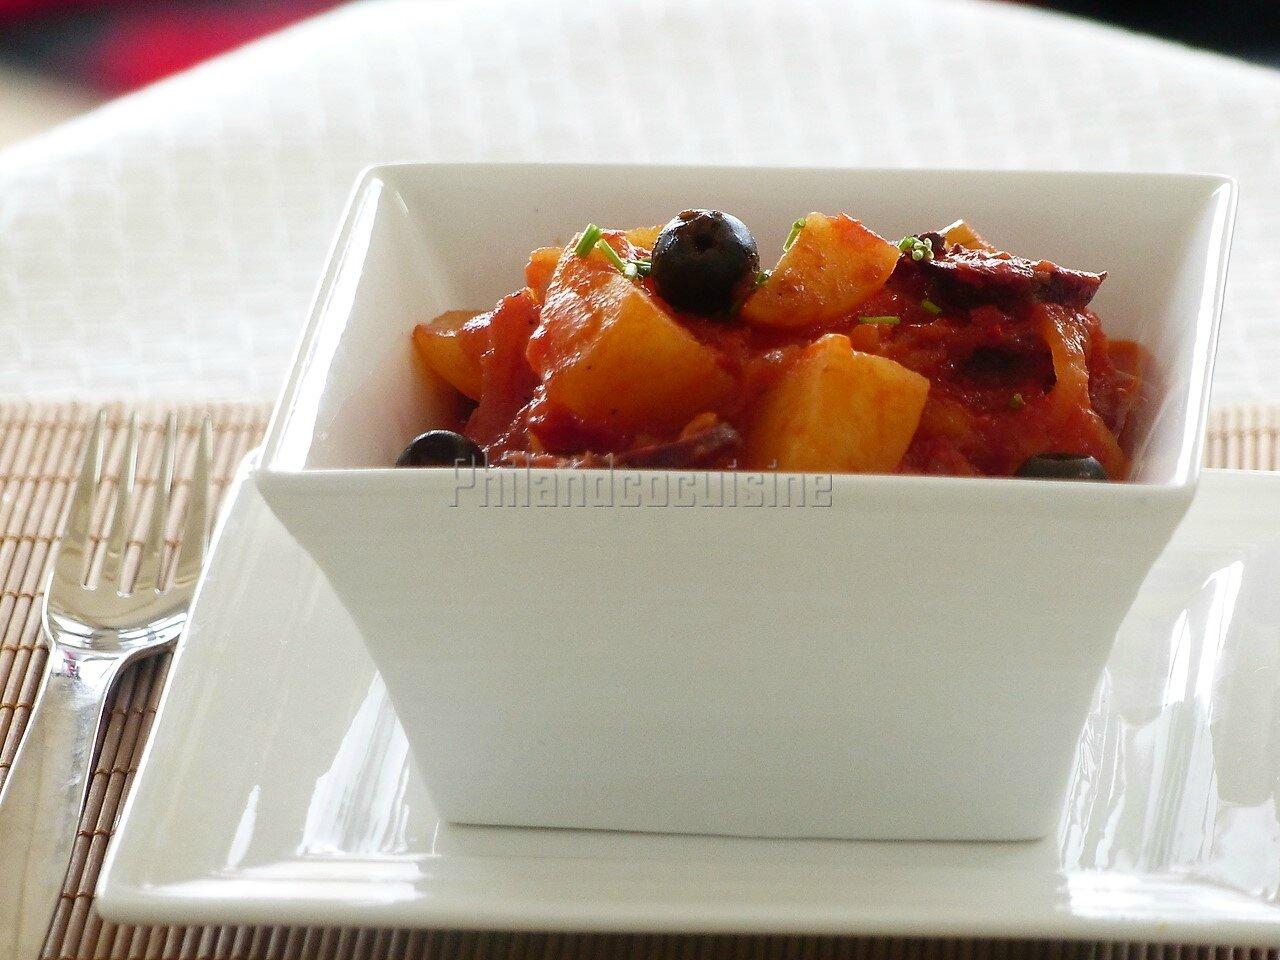 Ragoût de pommes de terre au chouriço portugais